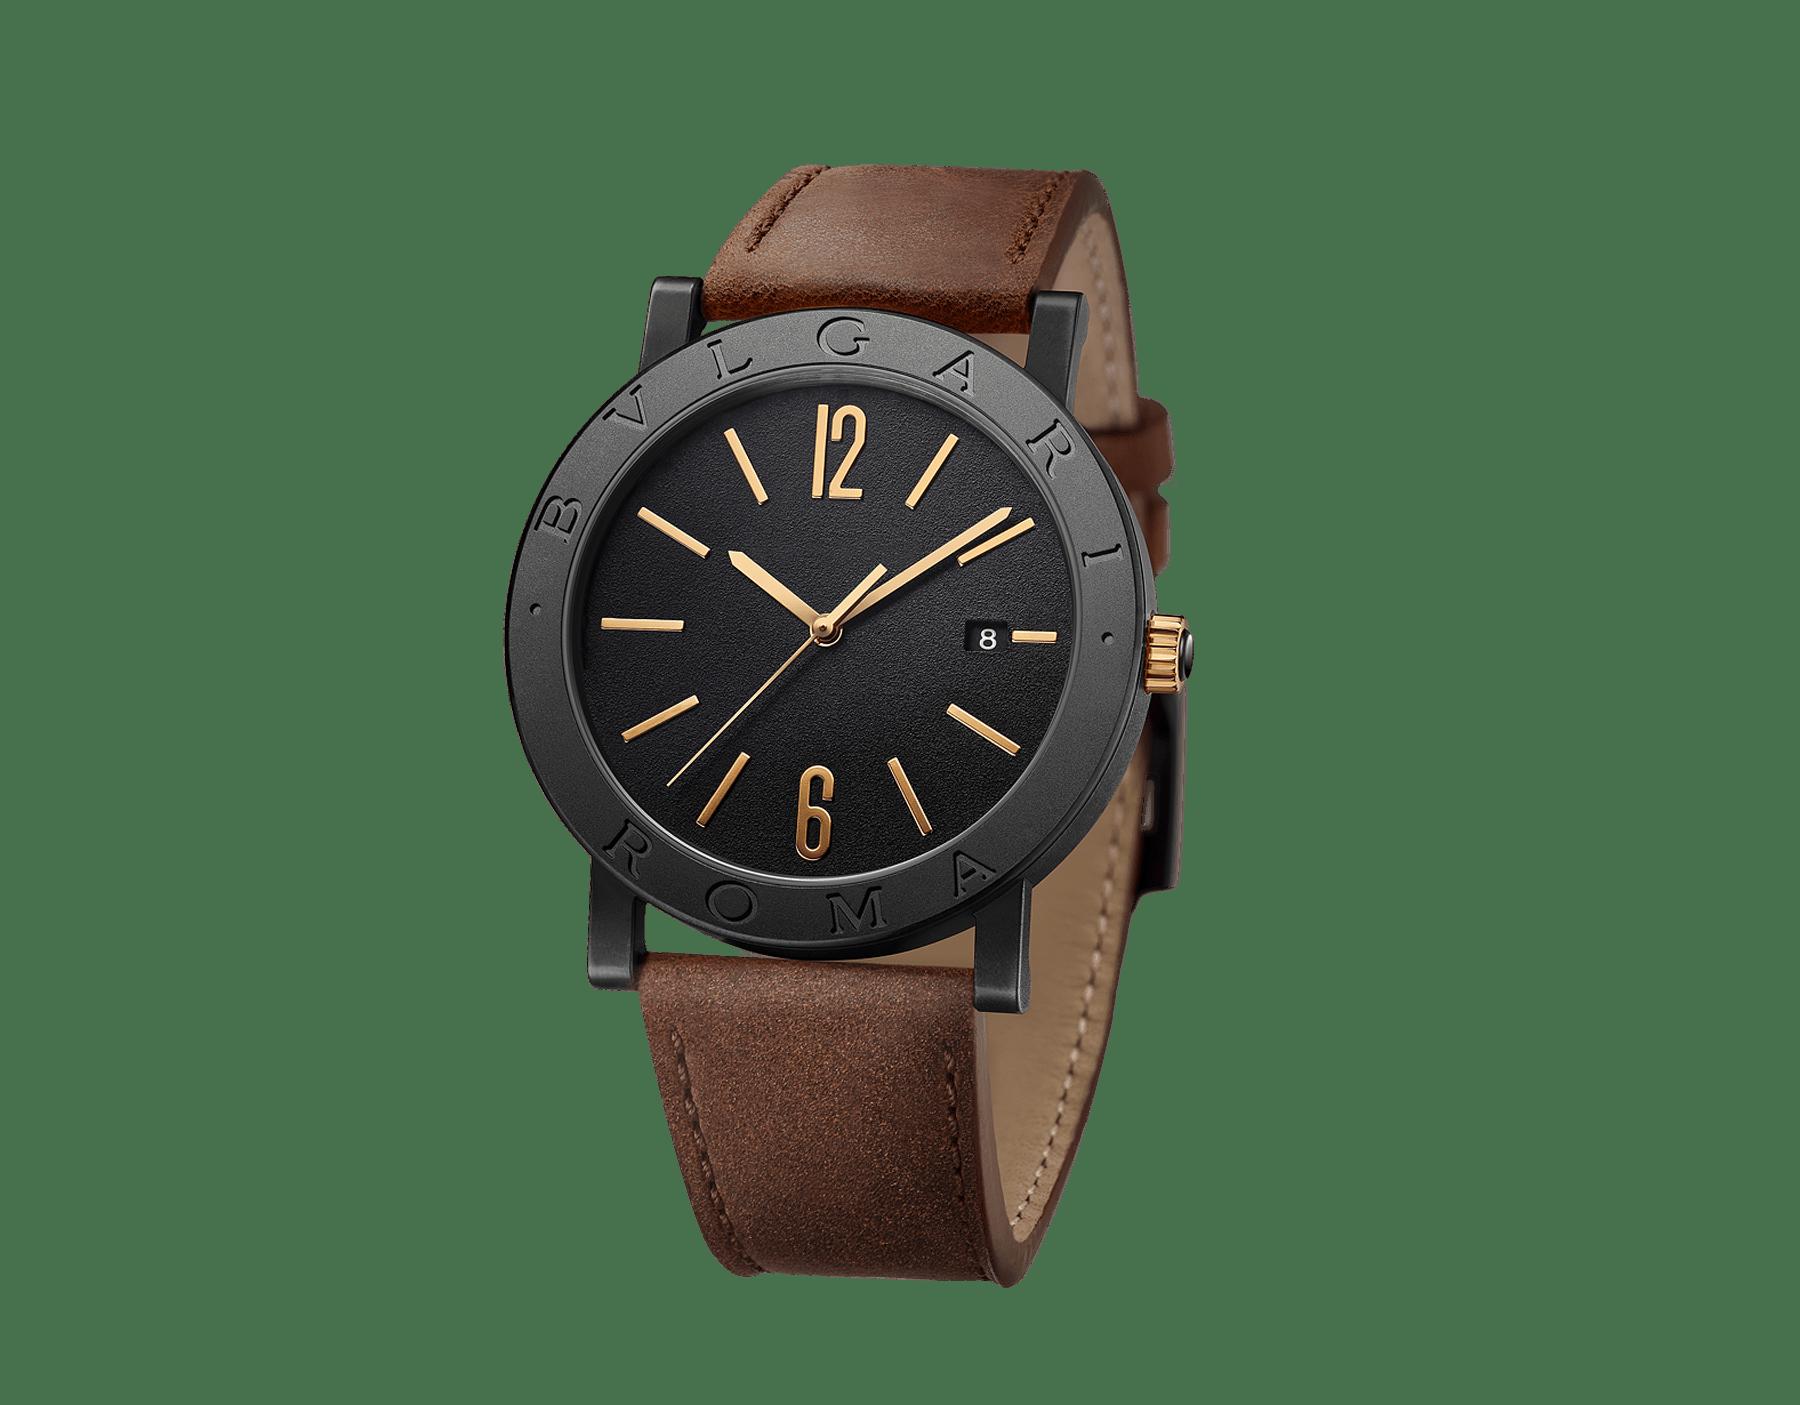 """ساعة """"بولغري بولغري سيتيز سبيشل إيديشن، ROMA"""" بآلية حركة ميكانيكية مصنّعة من قبل بولغري، تعبئة أوتوماتيكية، آلية BVL 191.، علبة الساعة من الفولاذ المعالج بالكربون الأسود الشبيه بالألماس مع نقش """"BVLGARI ROMA"""" على إطار الساعة، غطاء خلفي شفاف، ميناء مطلي بالمينا الأسود الخشن ومؤشرات الساعة من الذهب الوردي، سوار من جلد العجل البني، وسوار قابل للتبديل من المطاط الأسود. 103219 image 3"""